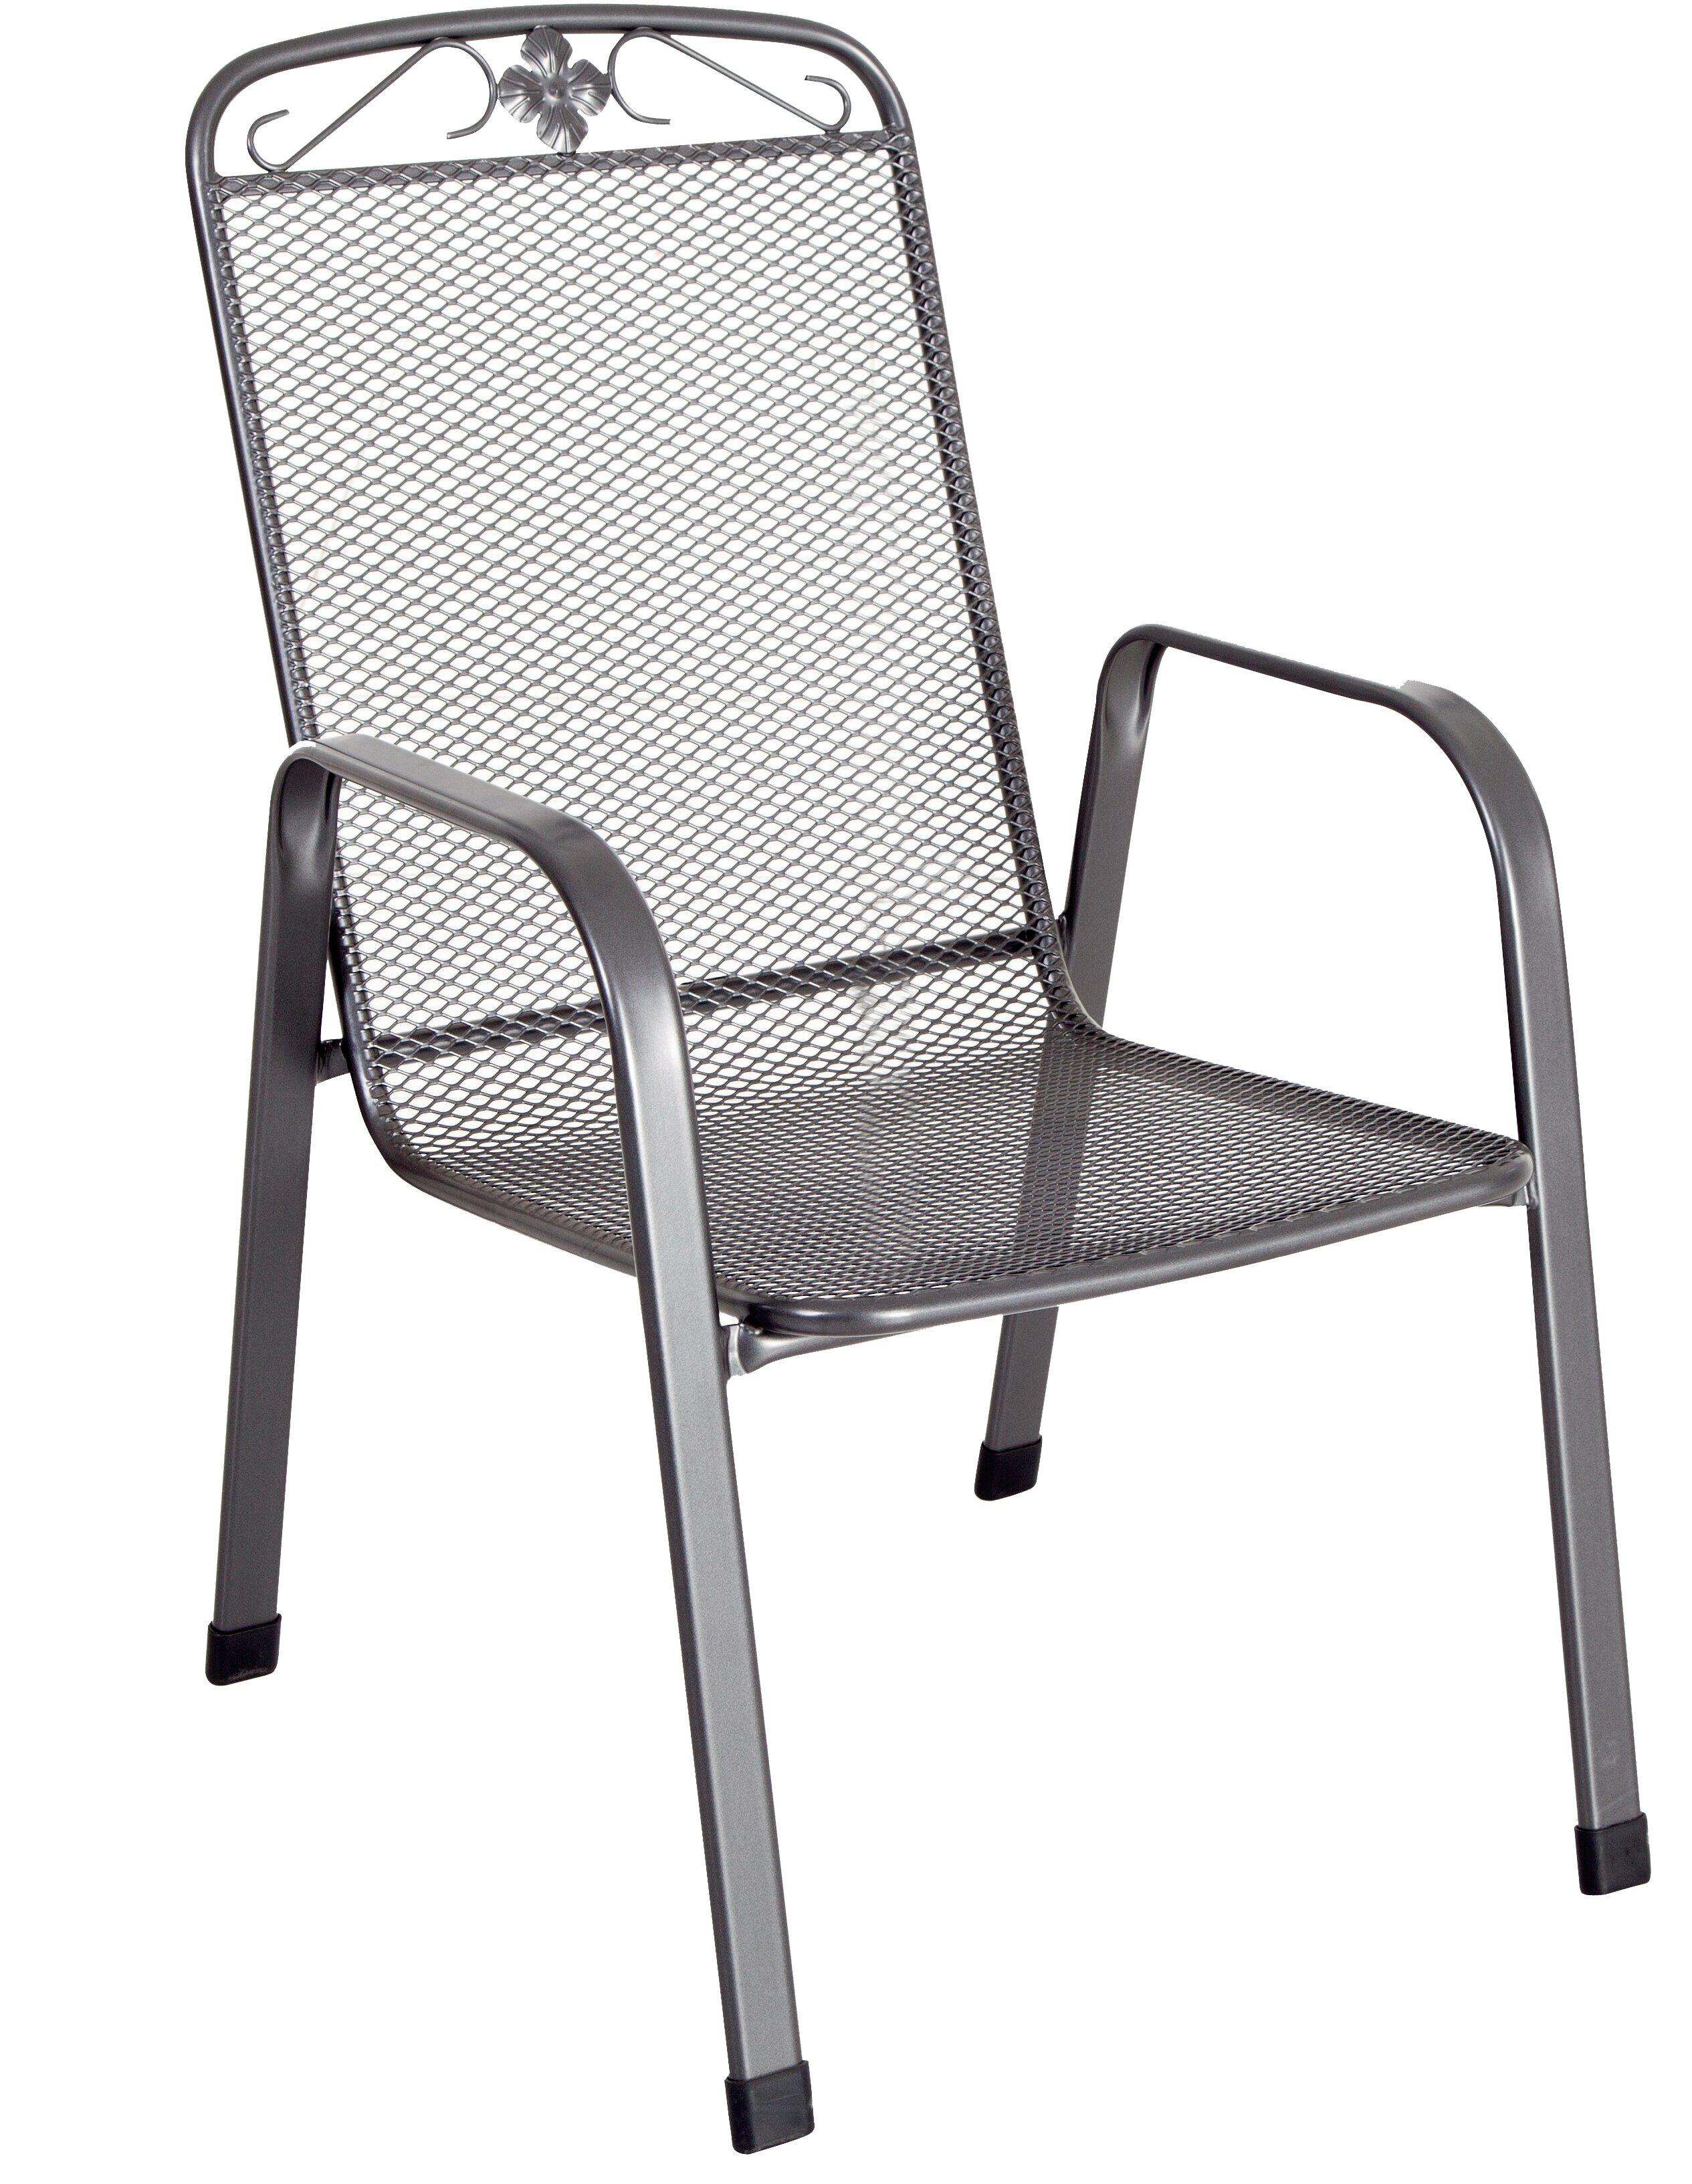 4db31f1c7feb MWH Das Original Savoy 4 Piece Stacking Garden Chair Set